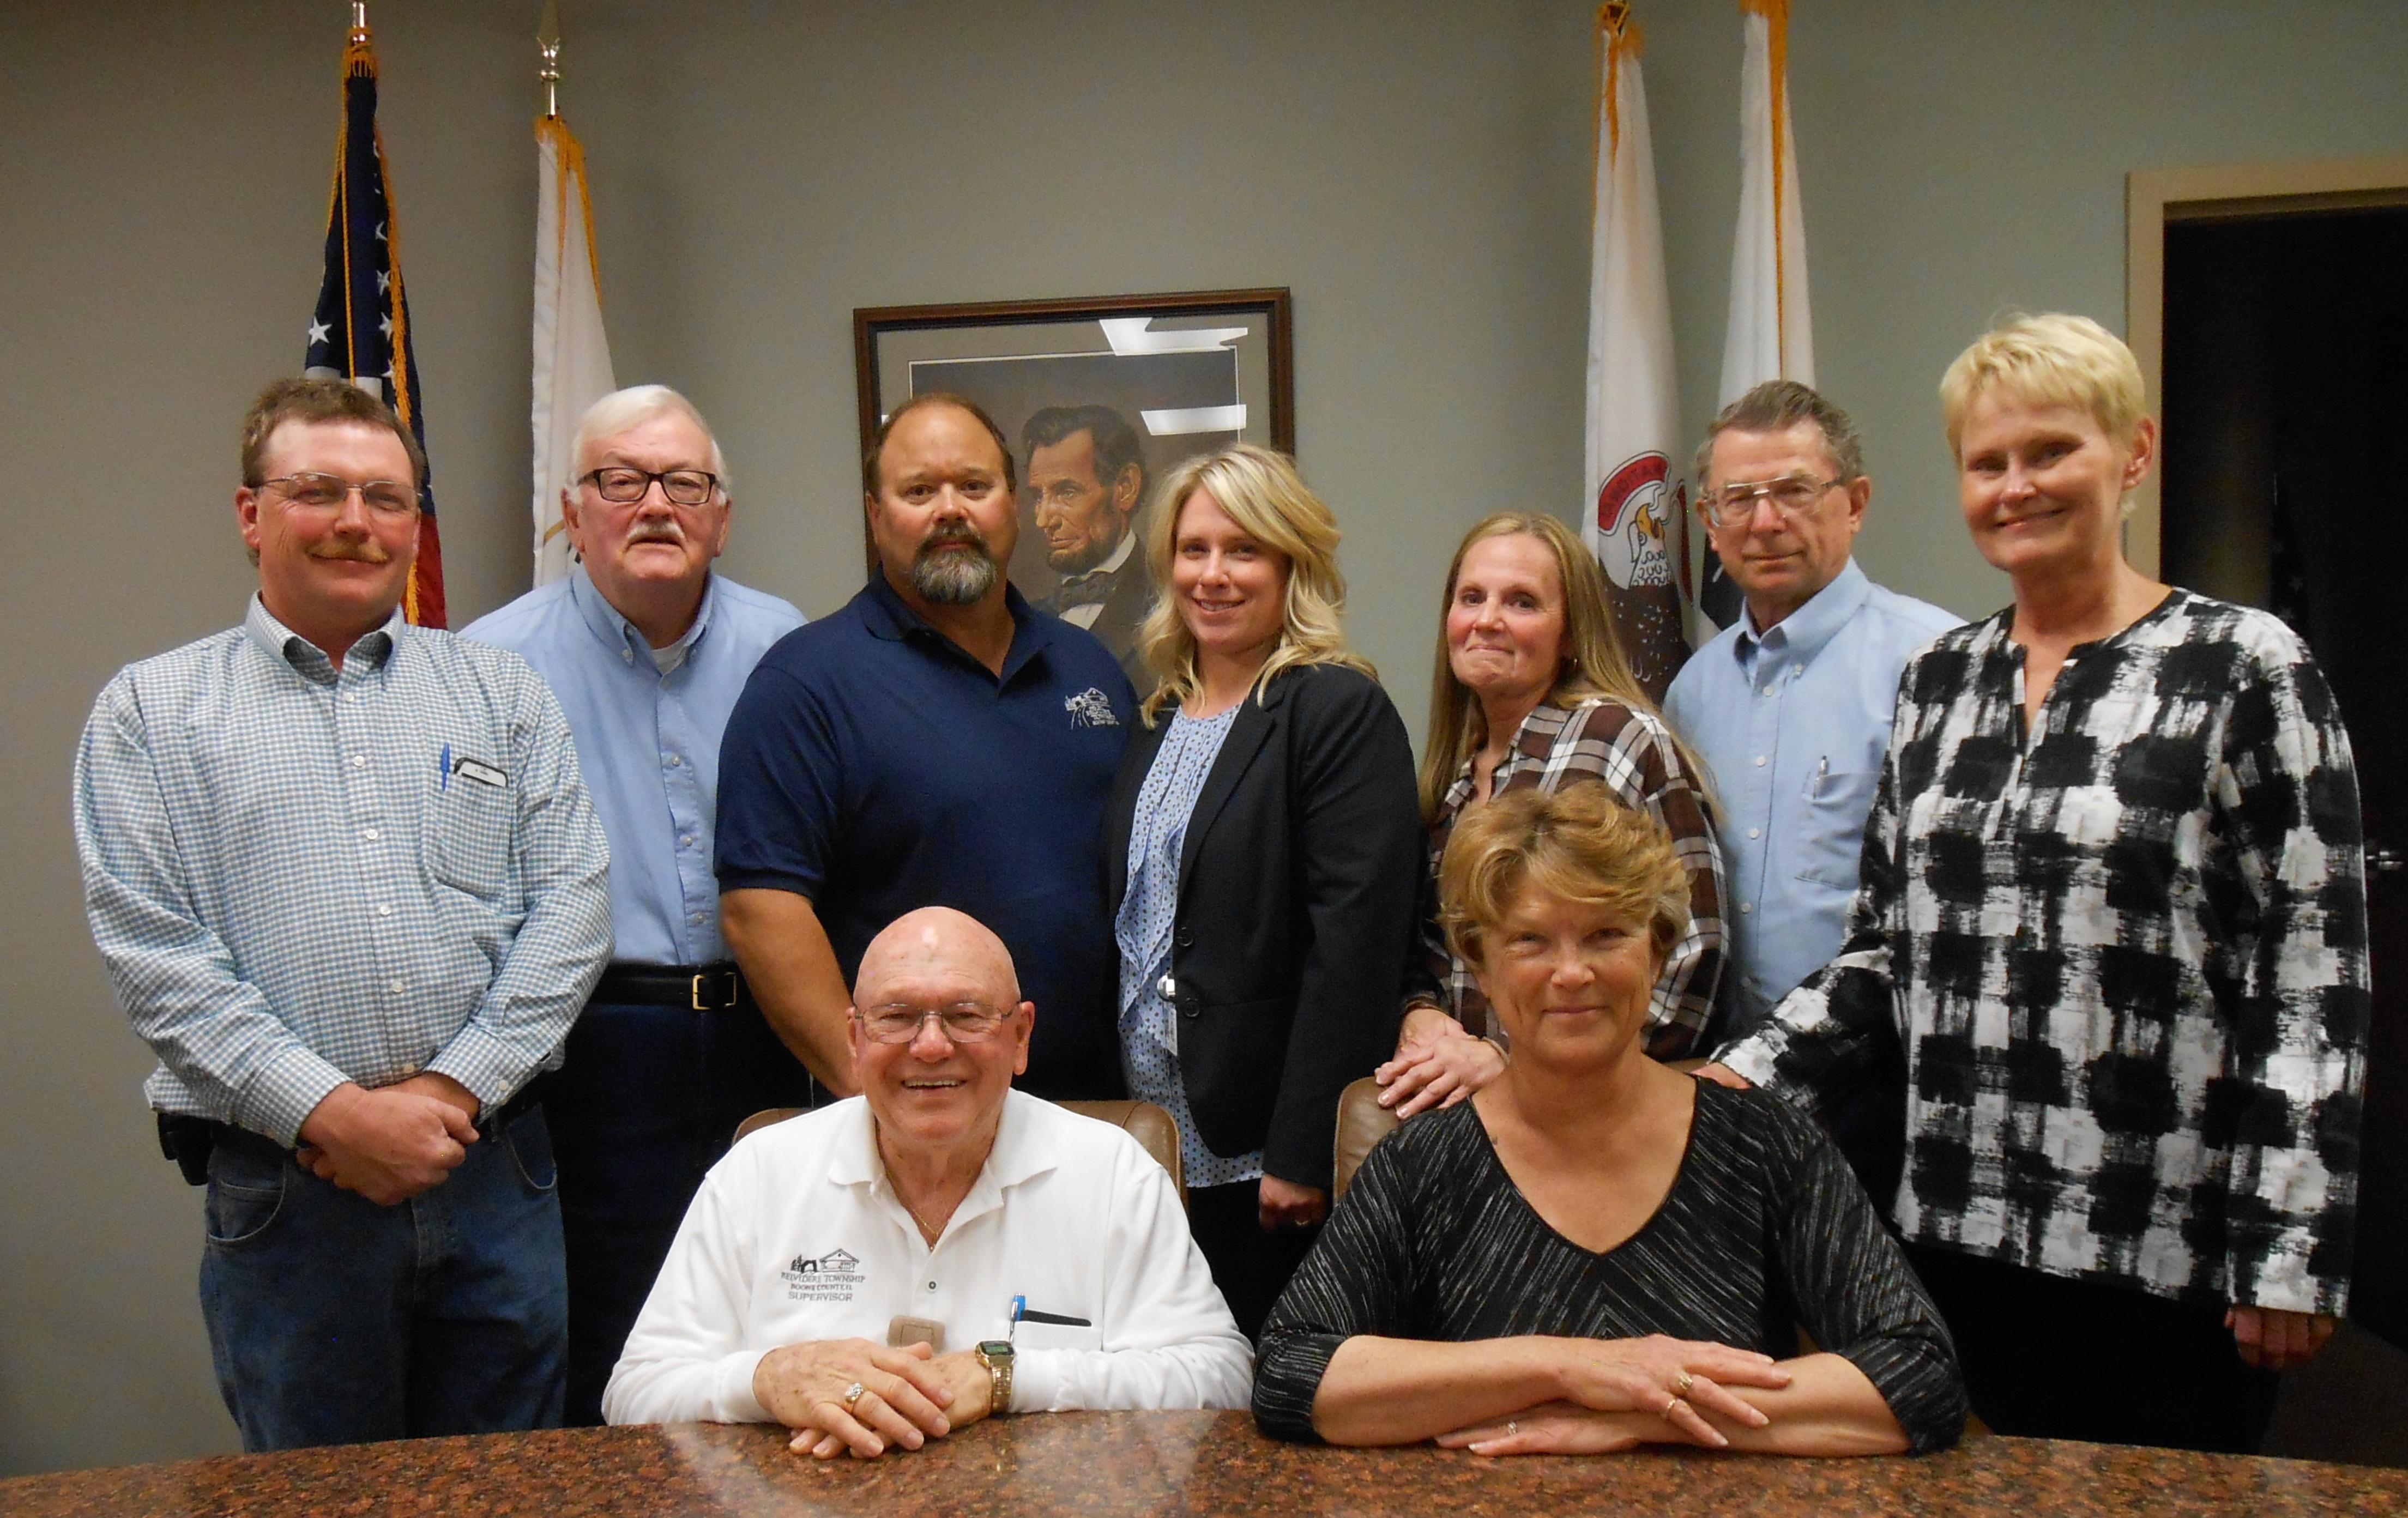 Illinois boone county belvidere - Belvidere Township Board